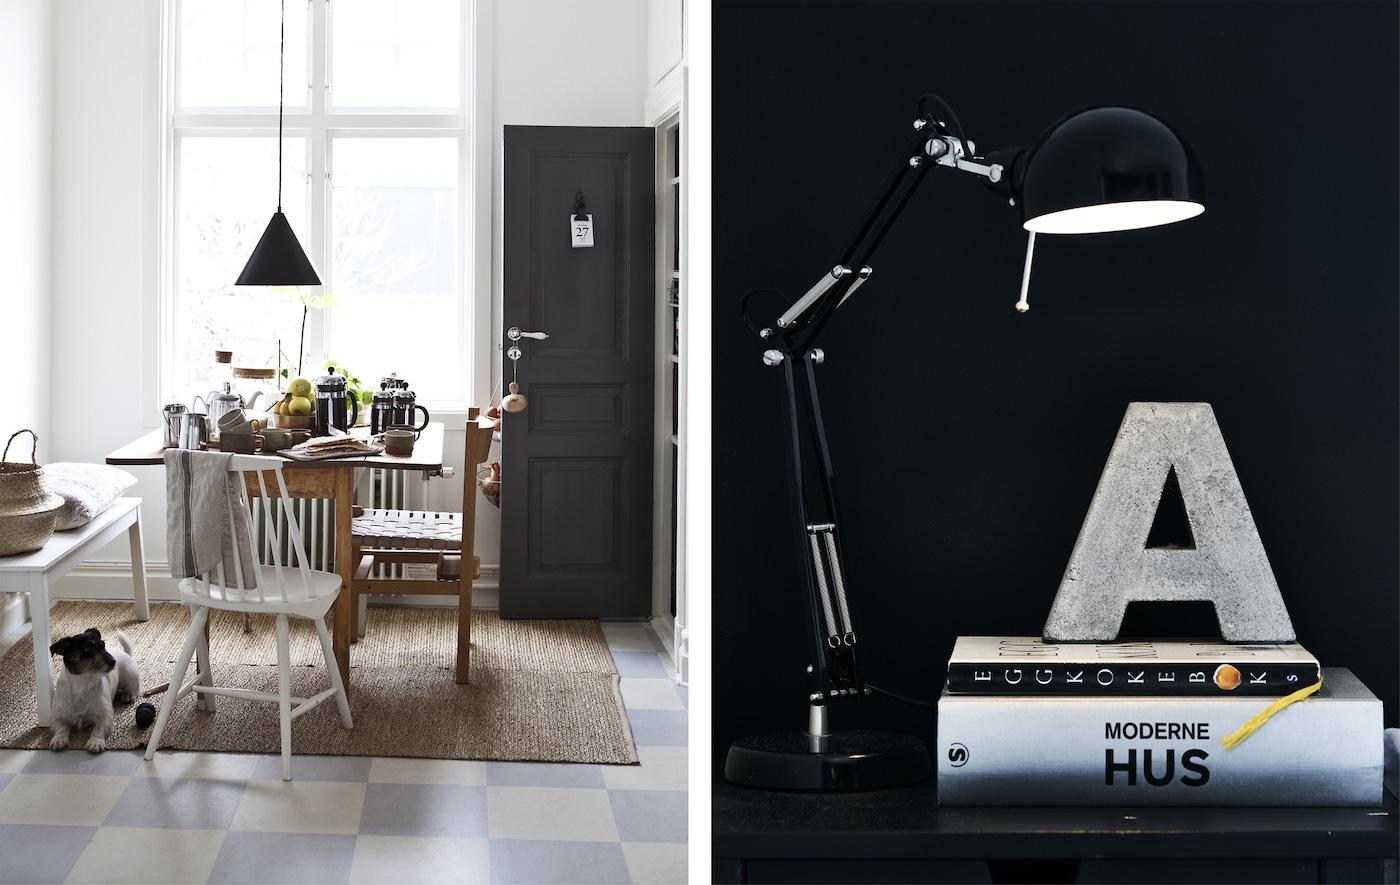 غرفة جلوس بيضاء وصورة مقربة لمصباح على طاولة سرير جانبية بمحاذاة حائط أسود.